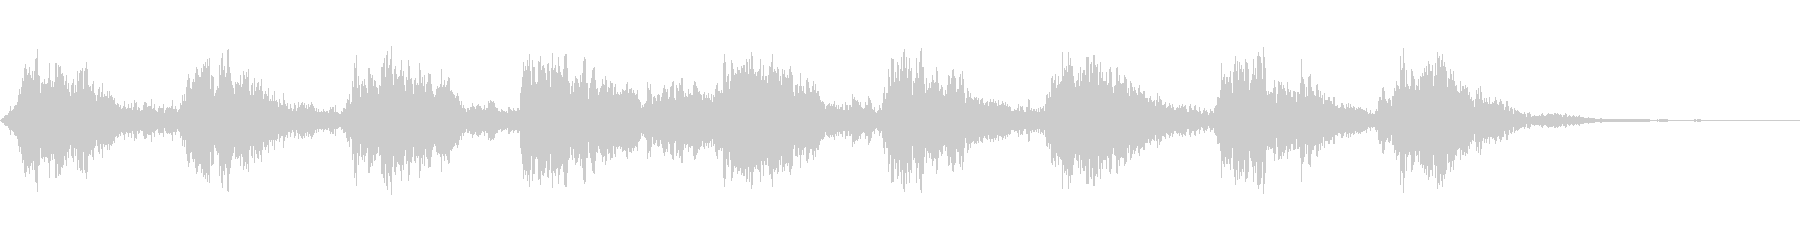 ラージ・スレイ・ベル:ハード・シェ...の未再生の波形